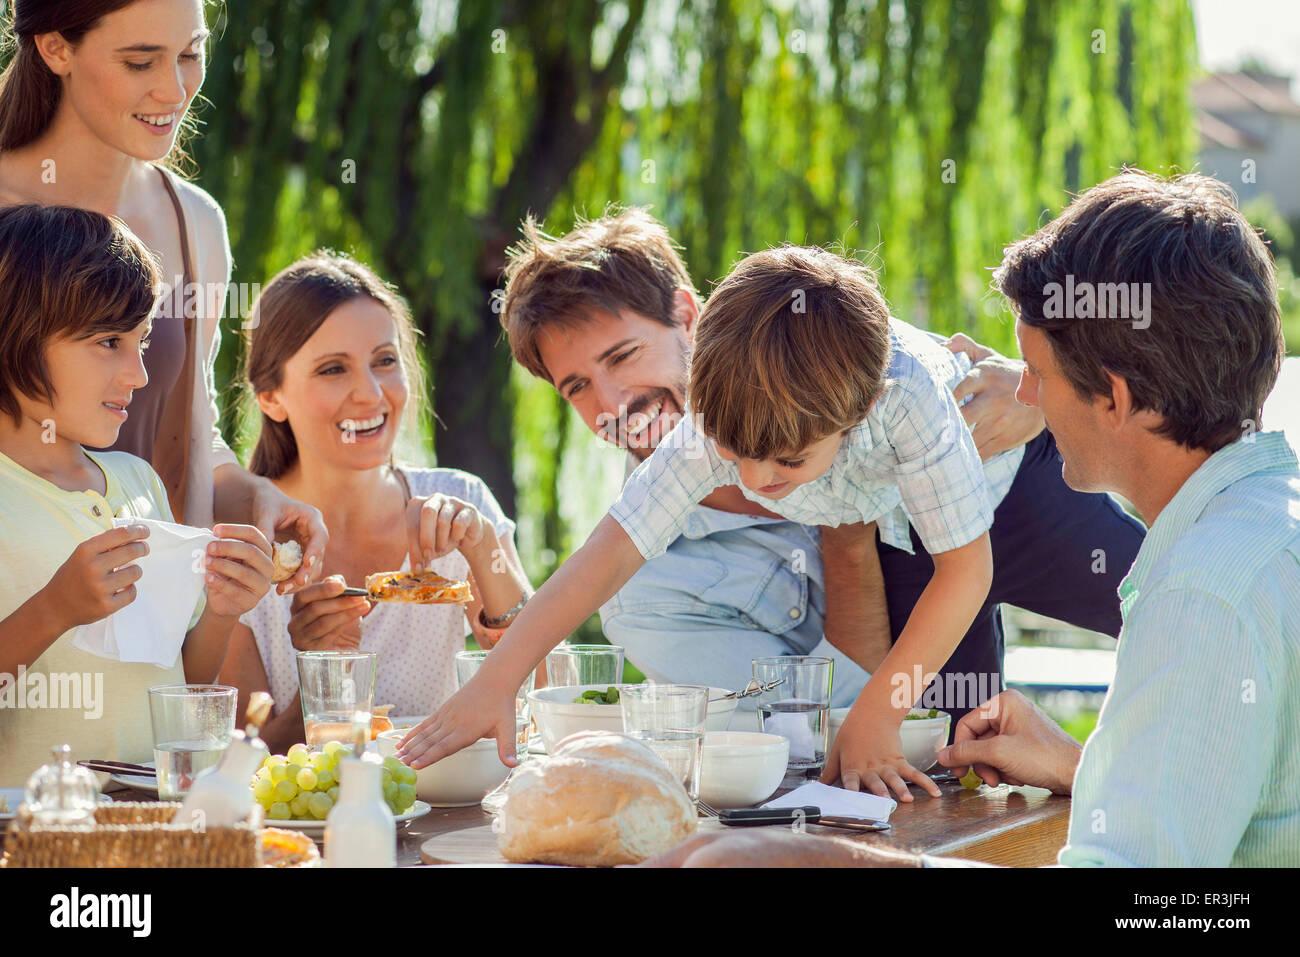 Petit-déjeuner à l'extérieur ensemble en famille Photo Stock